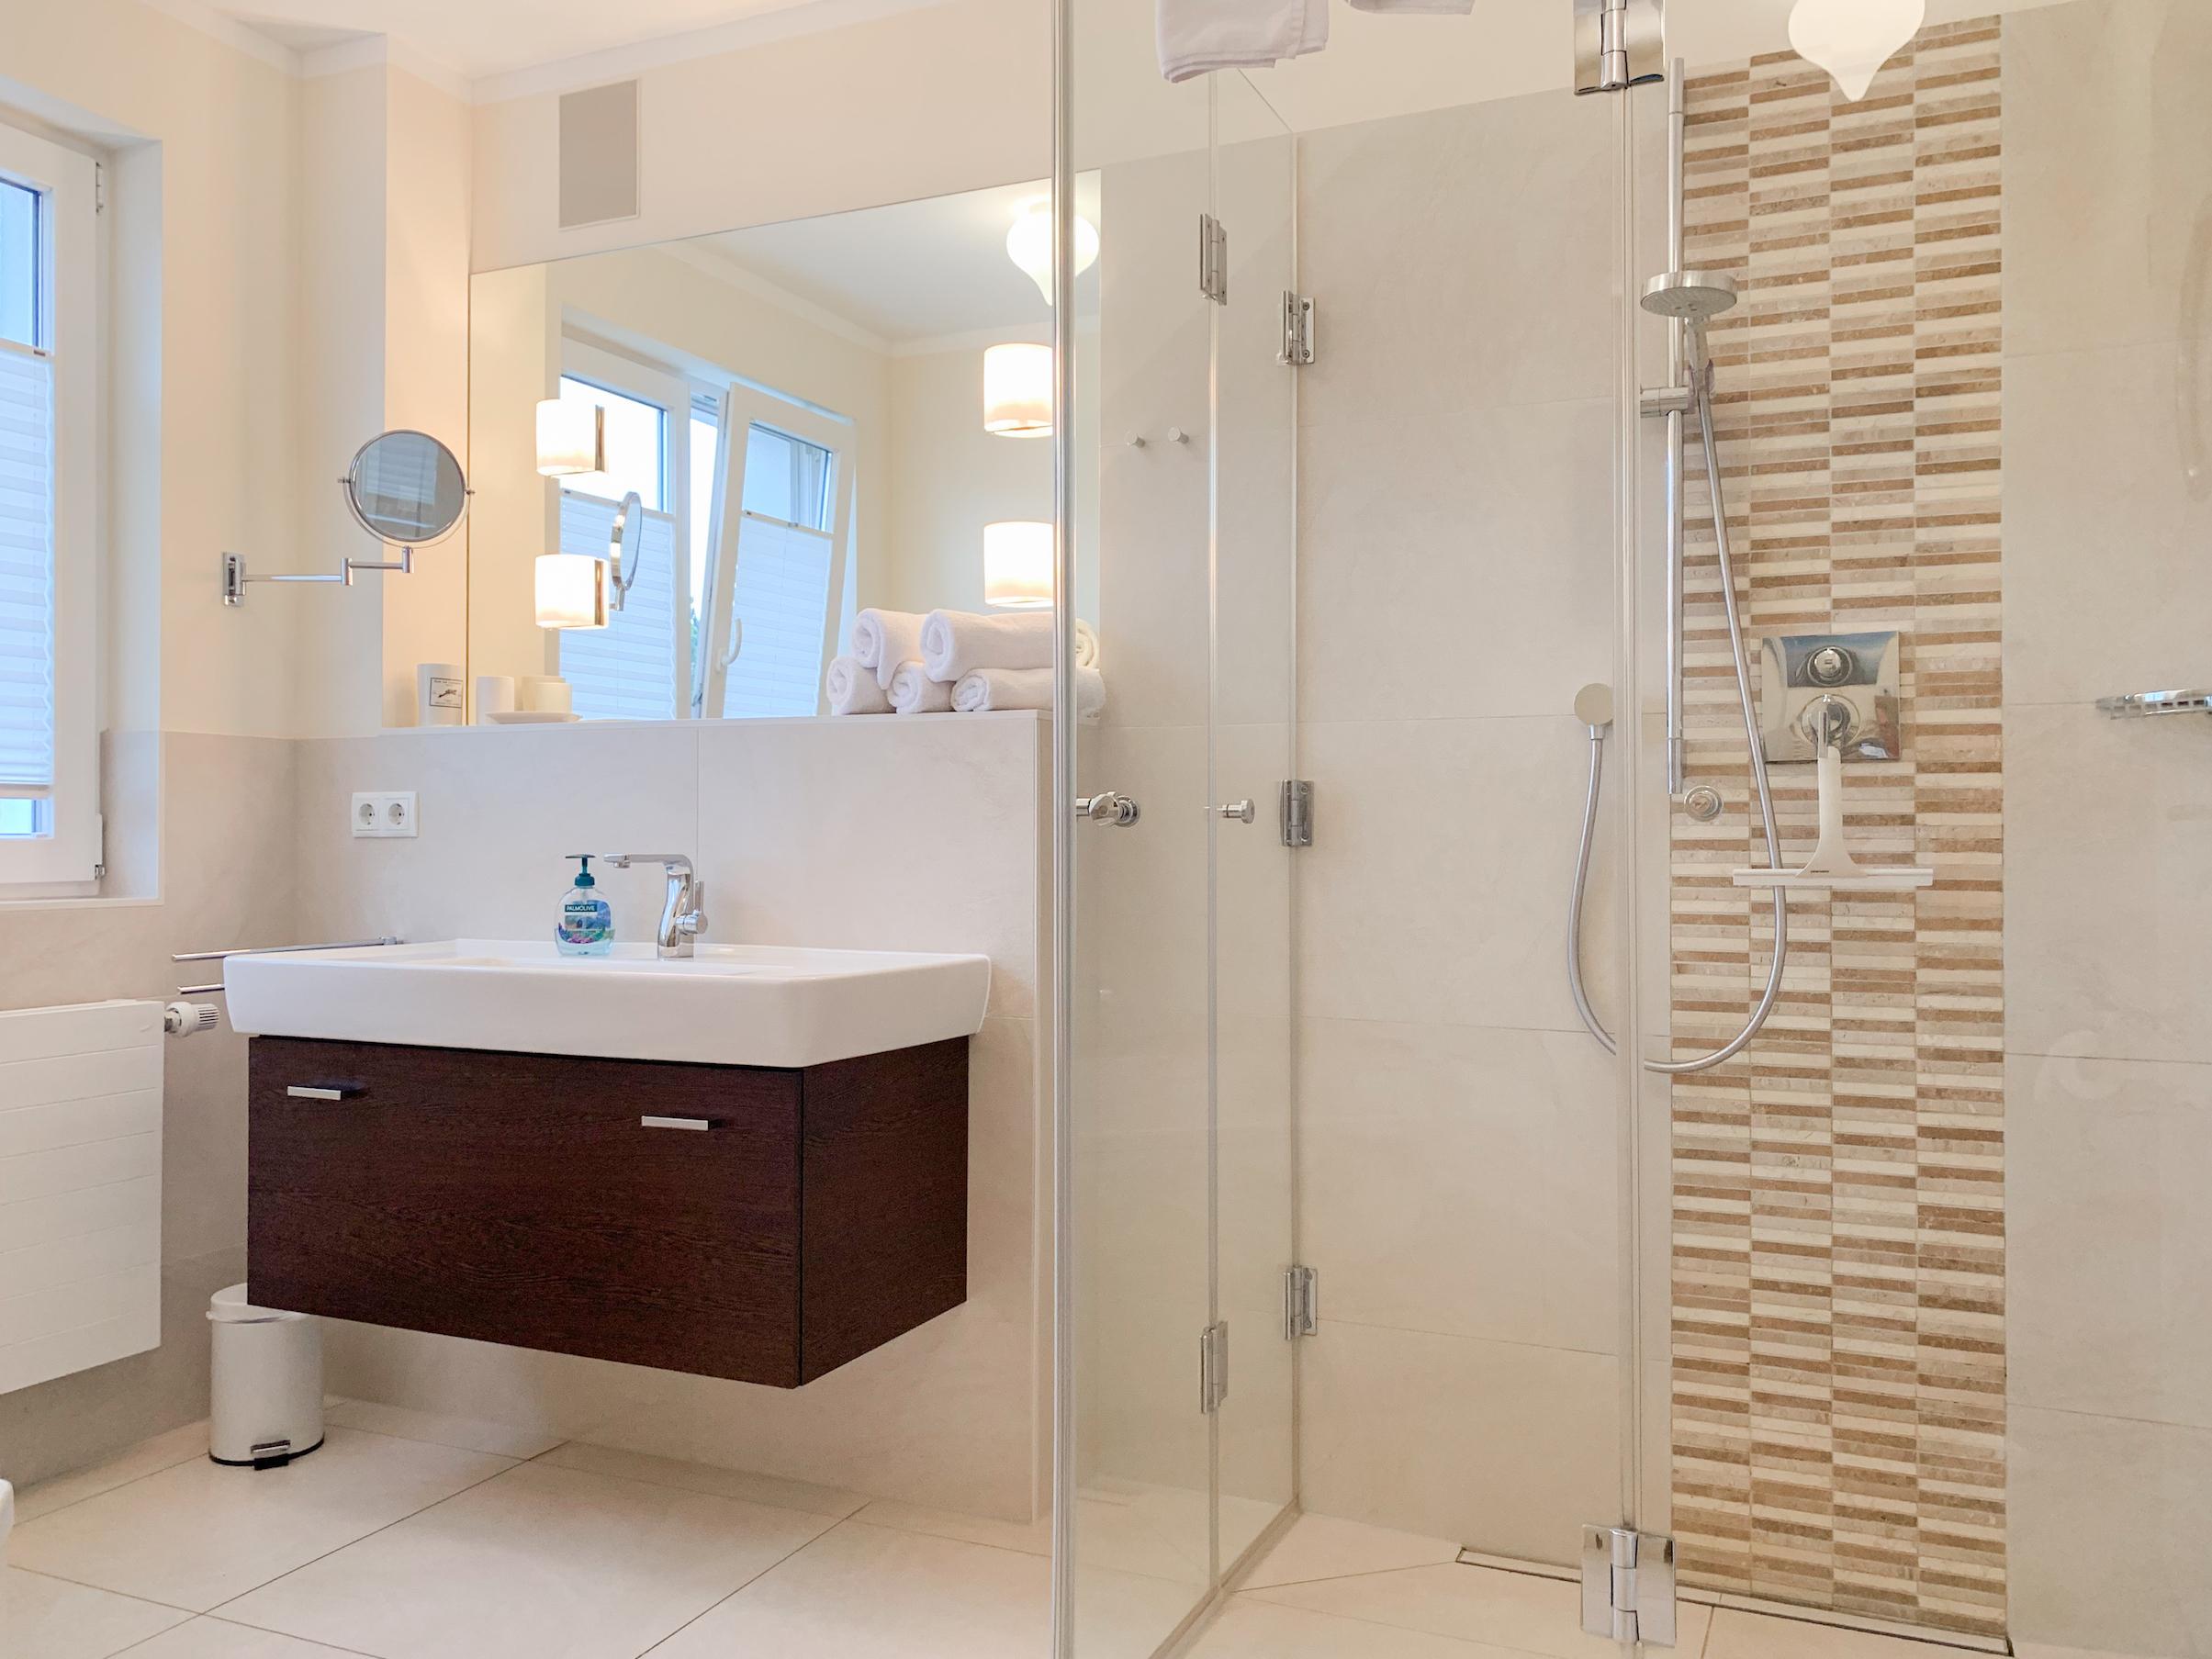 Badezimmer mit Whirlwanne und Dusche